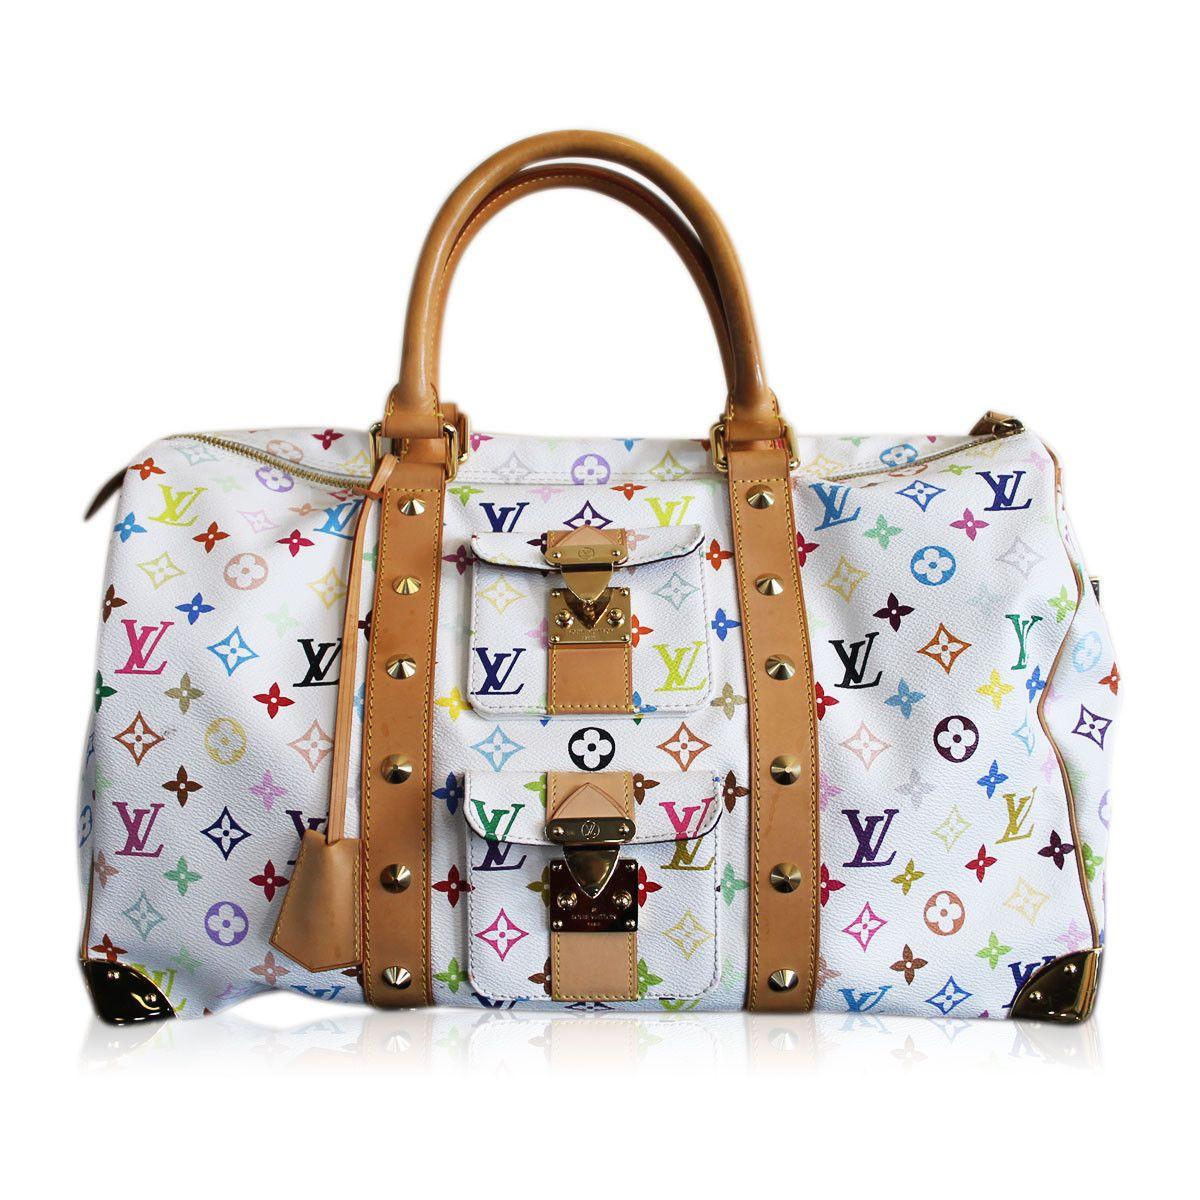 Authentic Louis Vuitton Handbags  4559f2d9b59d9